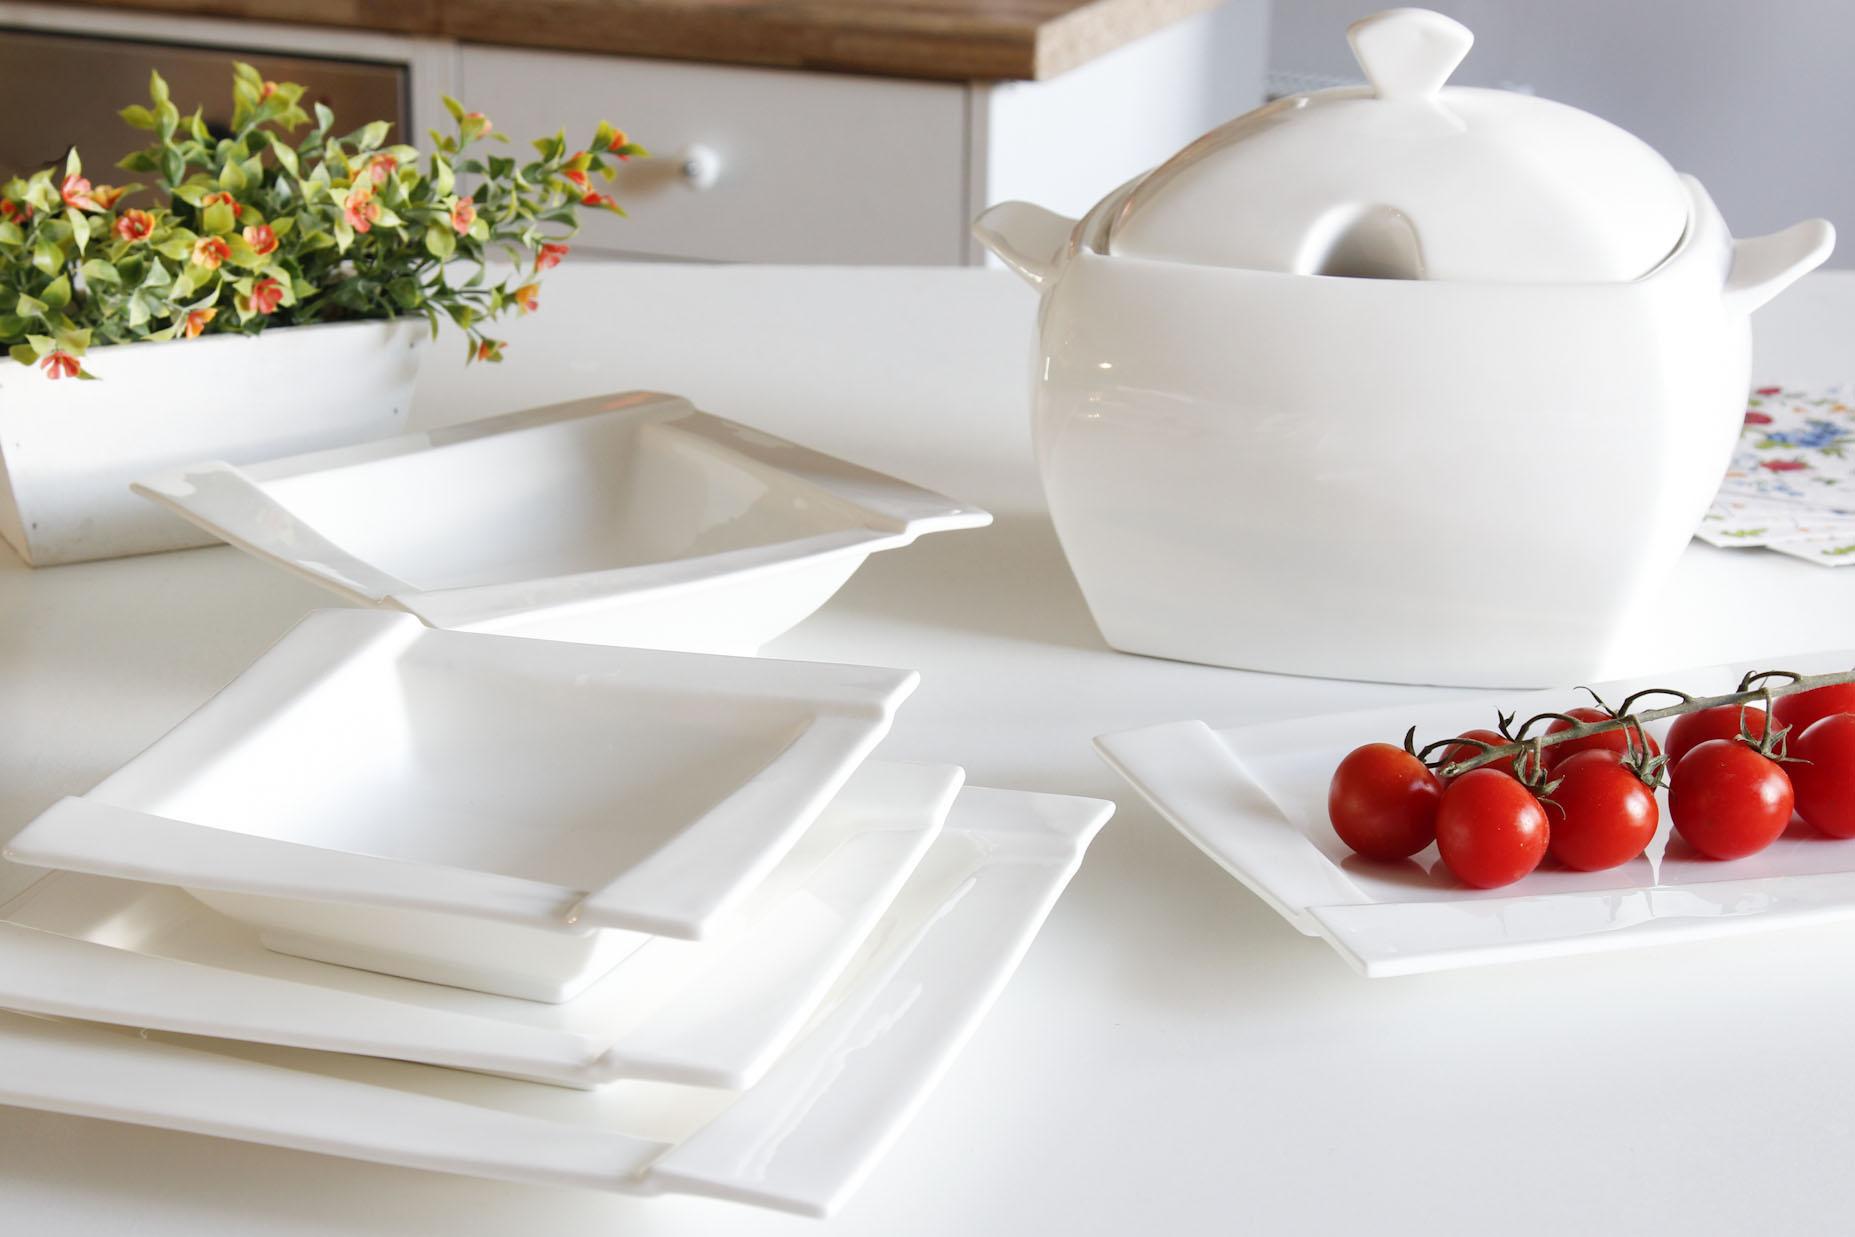 Serwis Obiadowy Porcelanowy Ambition Kubiko Biały Na 12 Osób 42 El